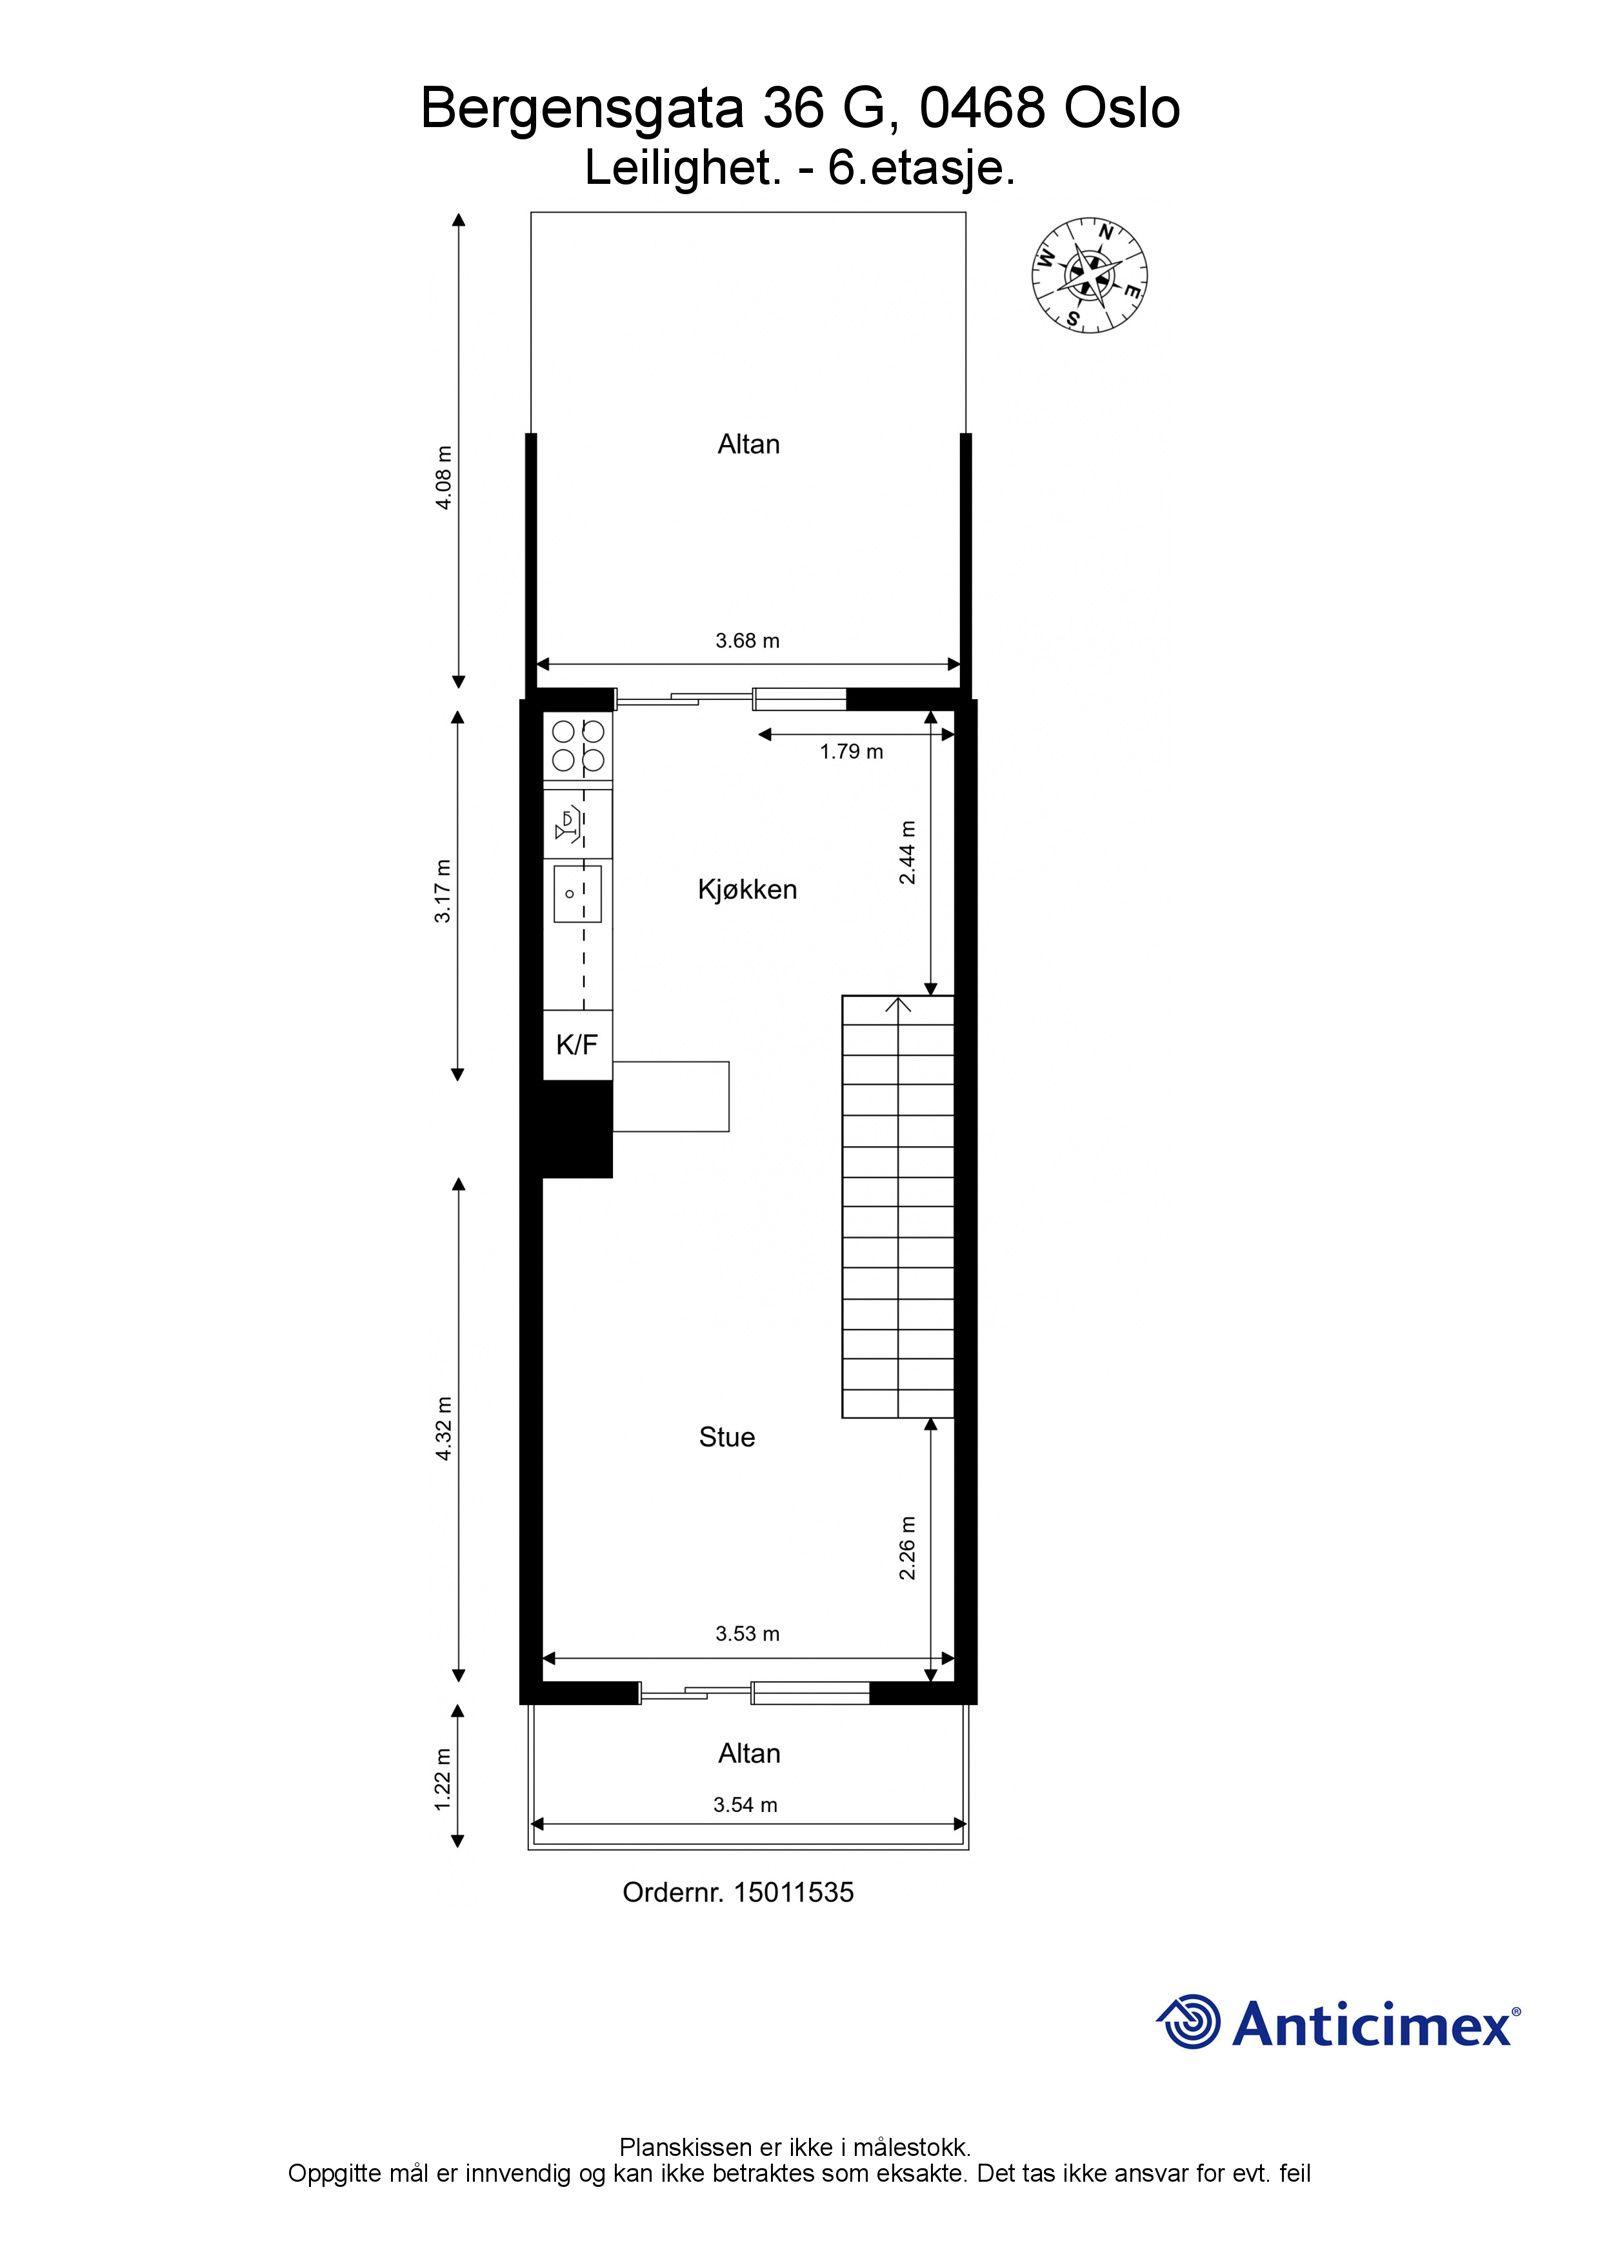 Bergensgata 36 G Plantegning 6. etasje. Leiligheten har en gjennomgående og god planløsning hvor toppetasjen har flotte oppholdsrom, sydvendt balkong med utsikt over byen og en fantastisk, solrik takterrasse mot bakgården.